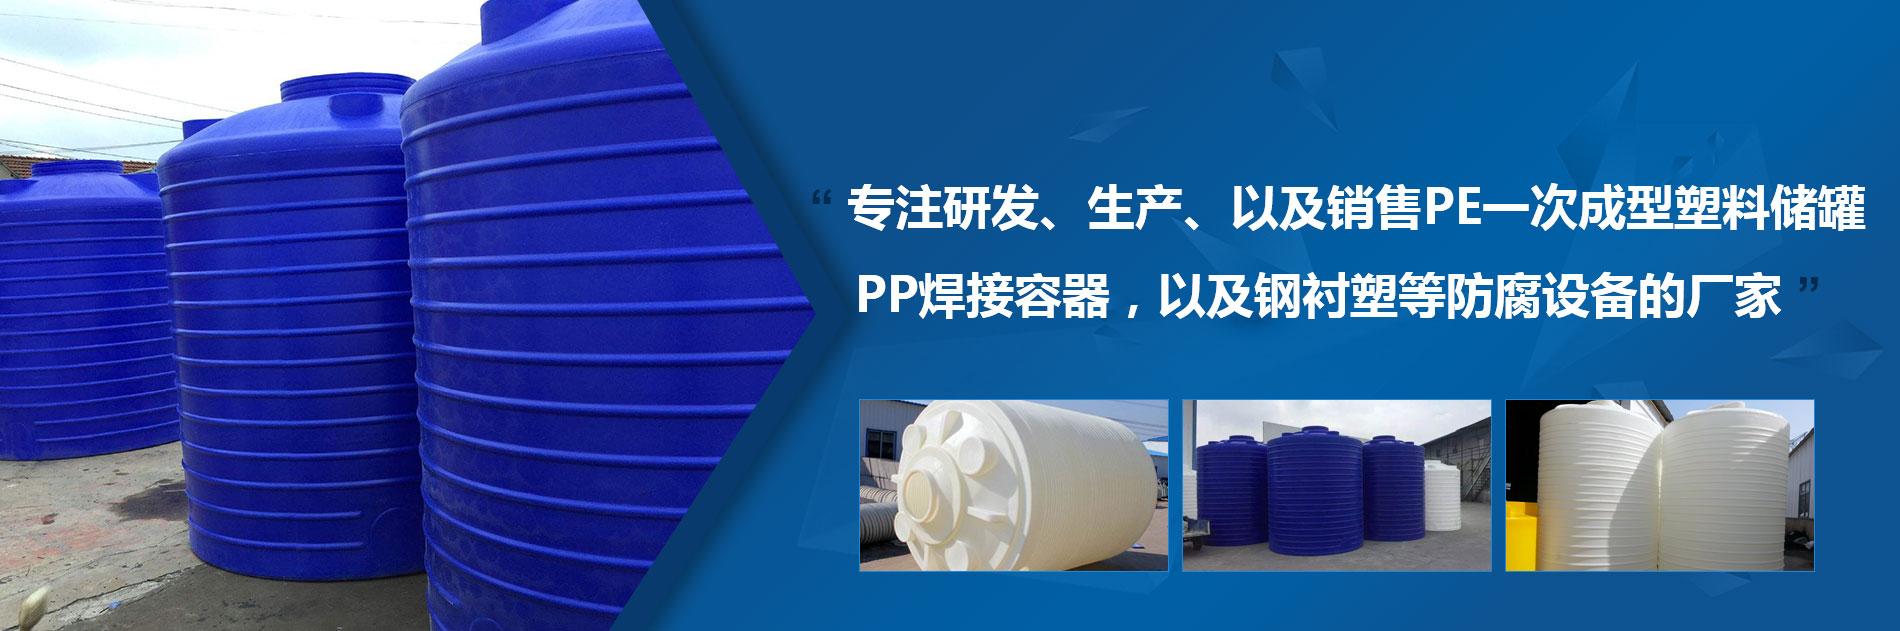 塑料储罐,PE储罐,塑料水箱,加药箱,塑料容器生产厂家